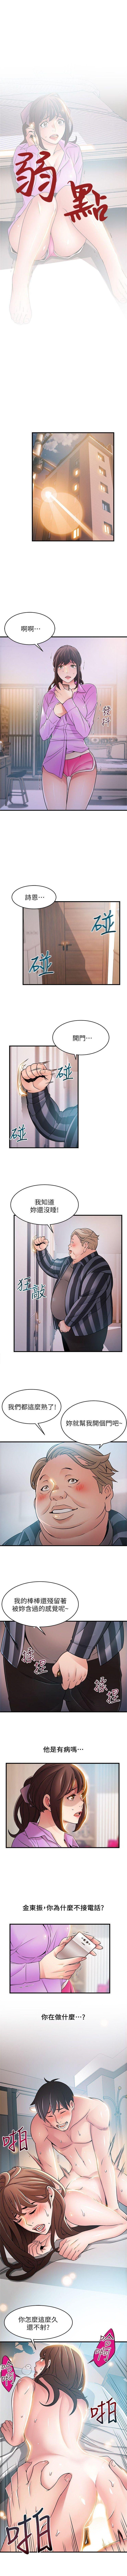 (周7)弱点 1-66 中文翻译(更新中) 205